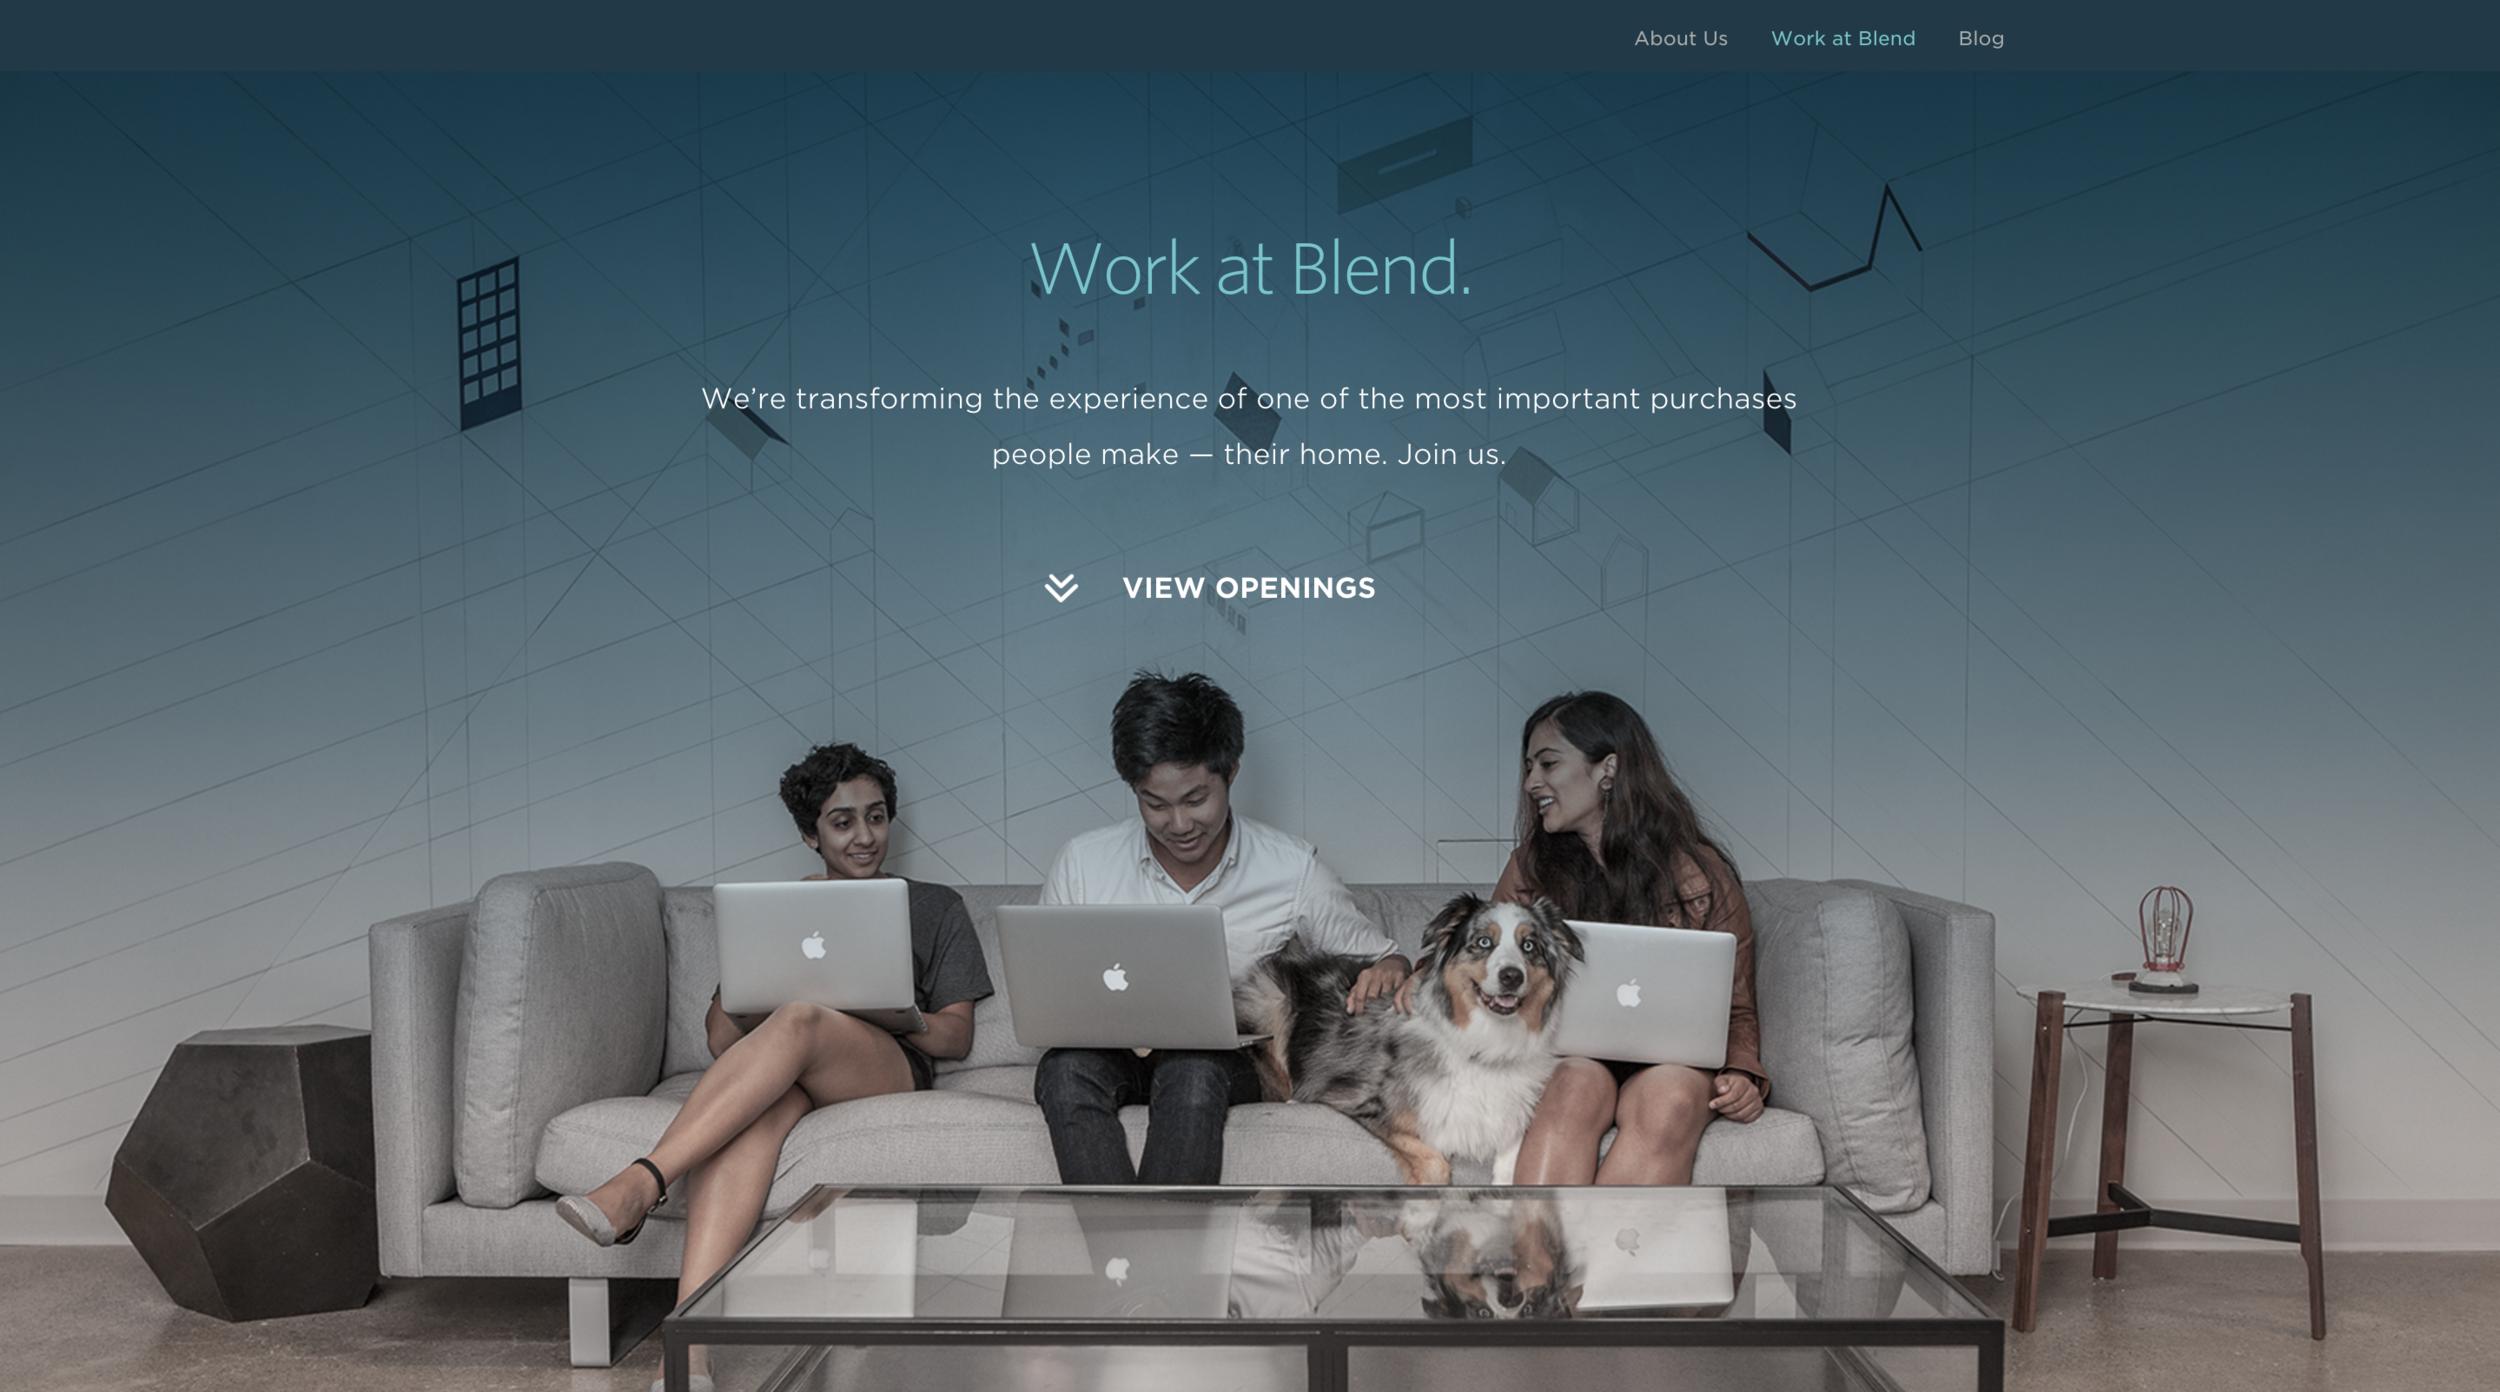 BlendLabs-workwithblend.png